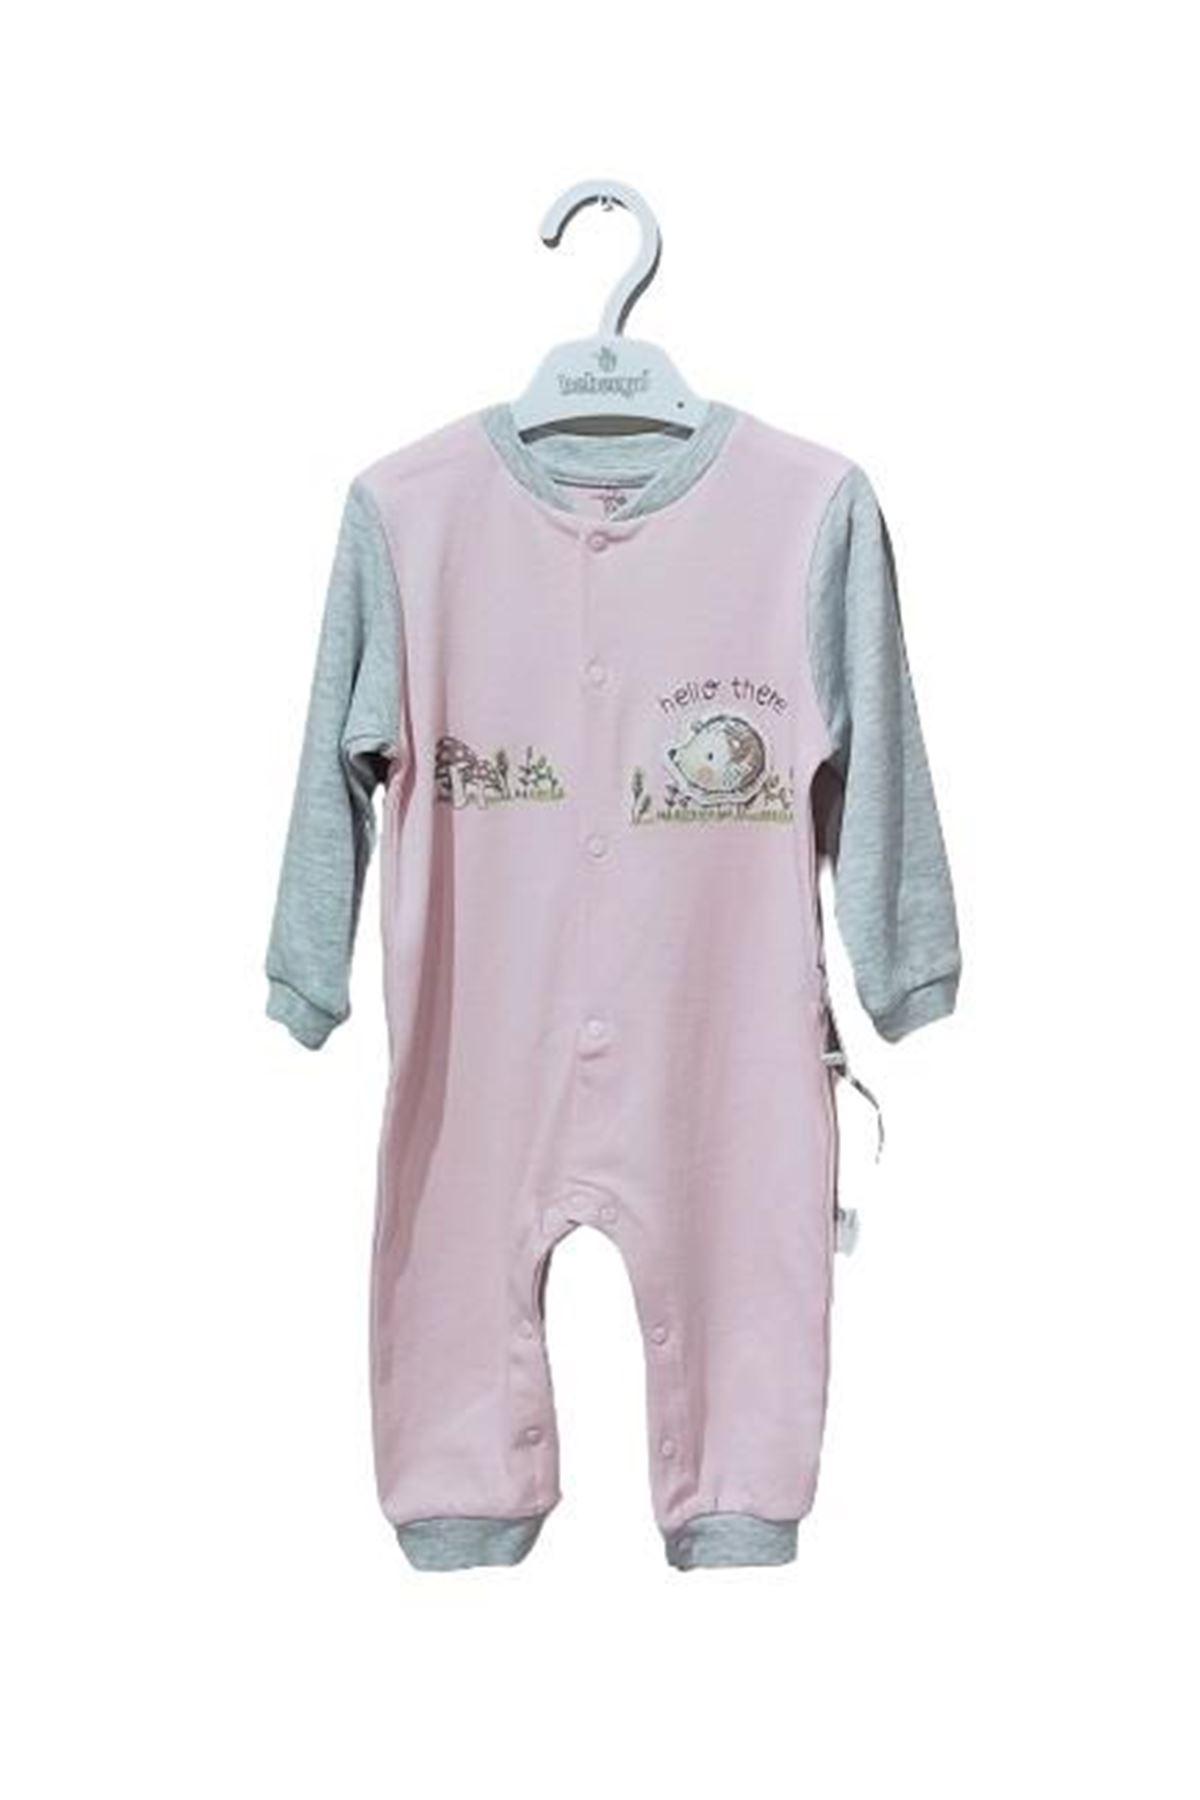 Bebengo 3035 Kırpılı Bebe Tulum Pembe